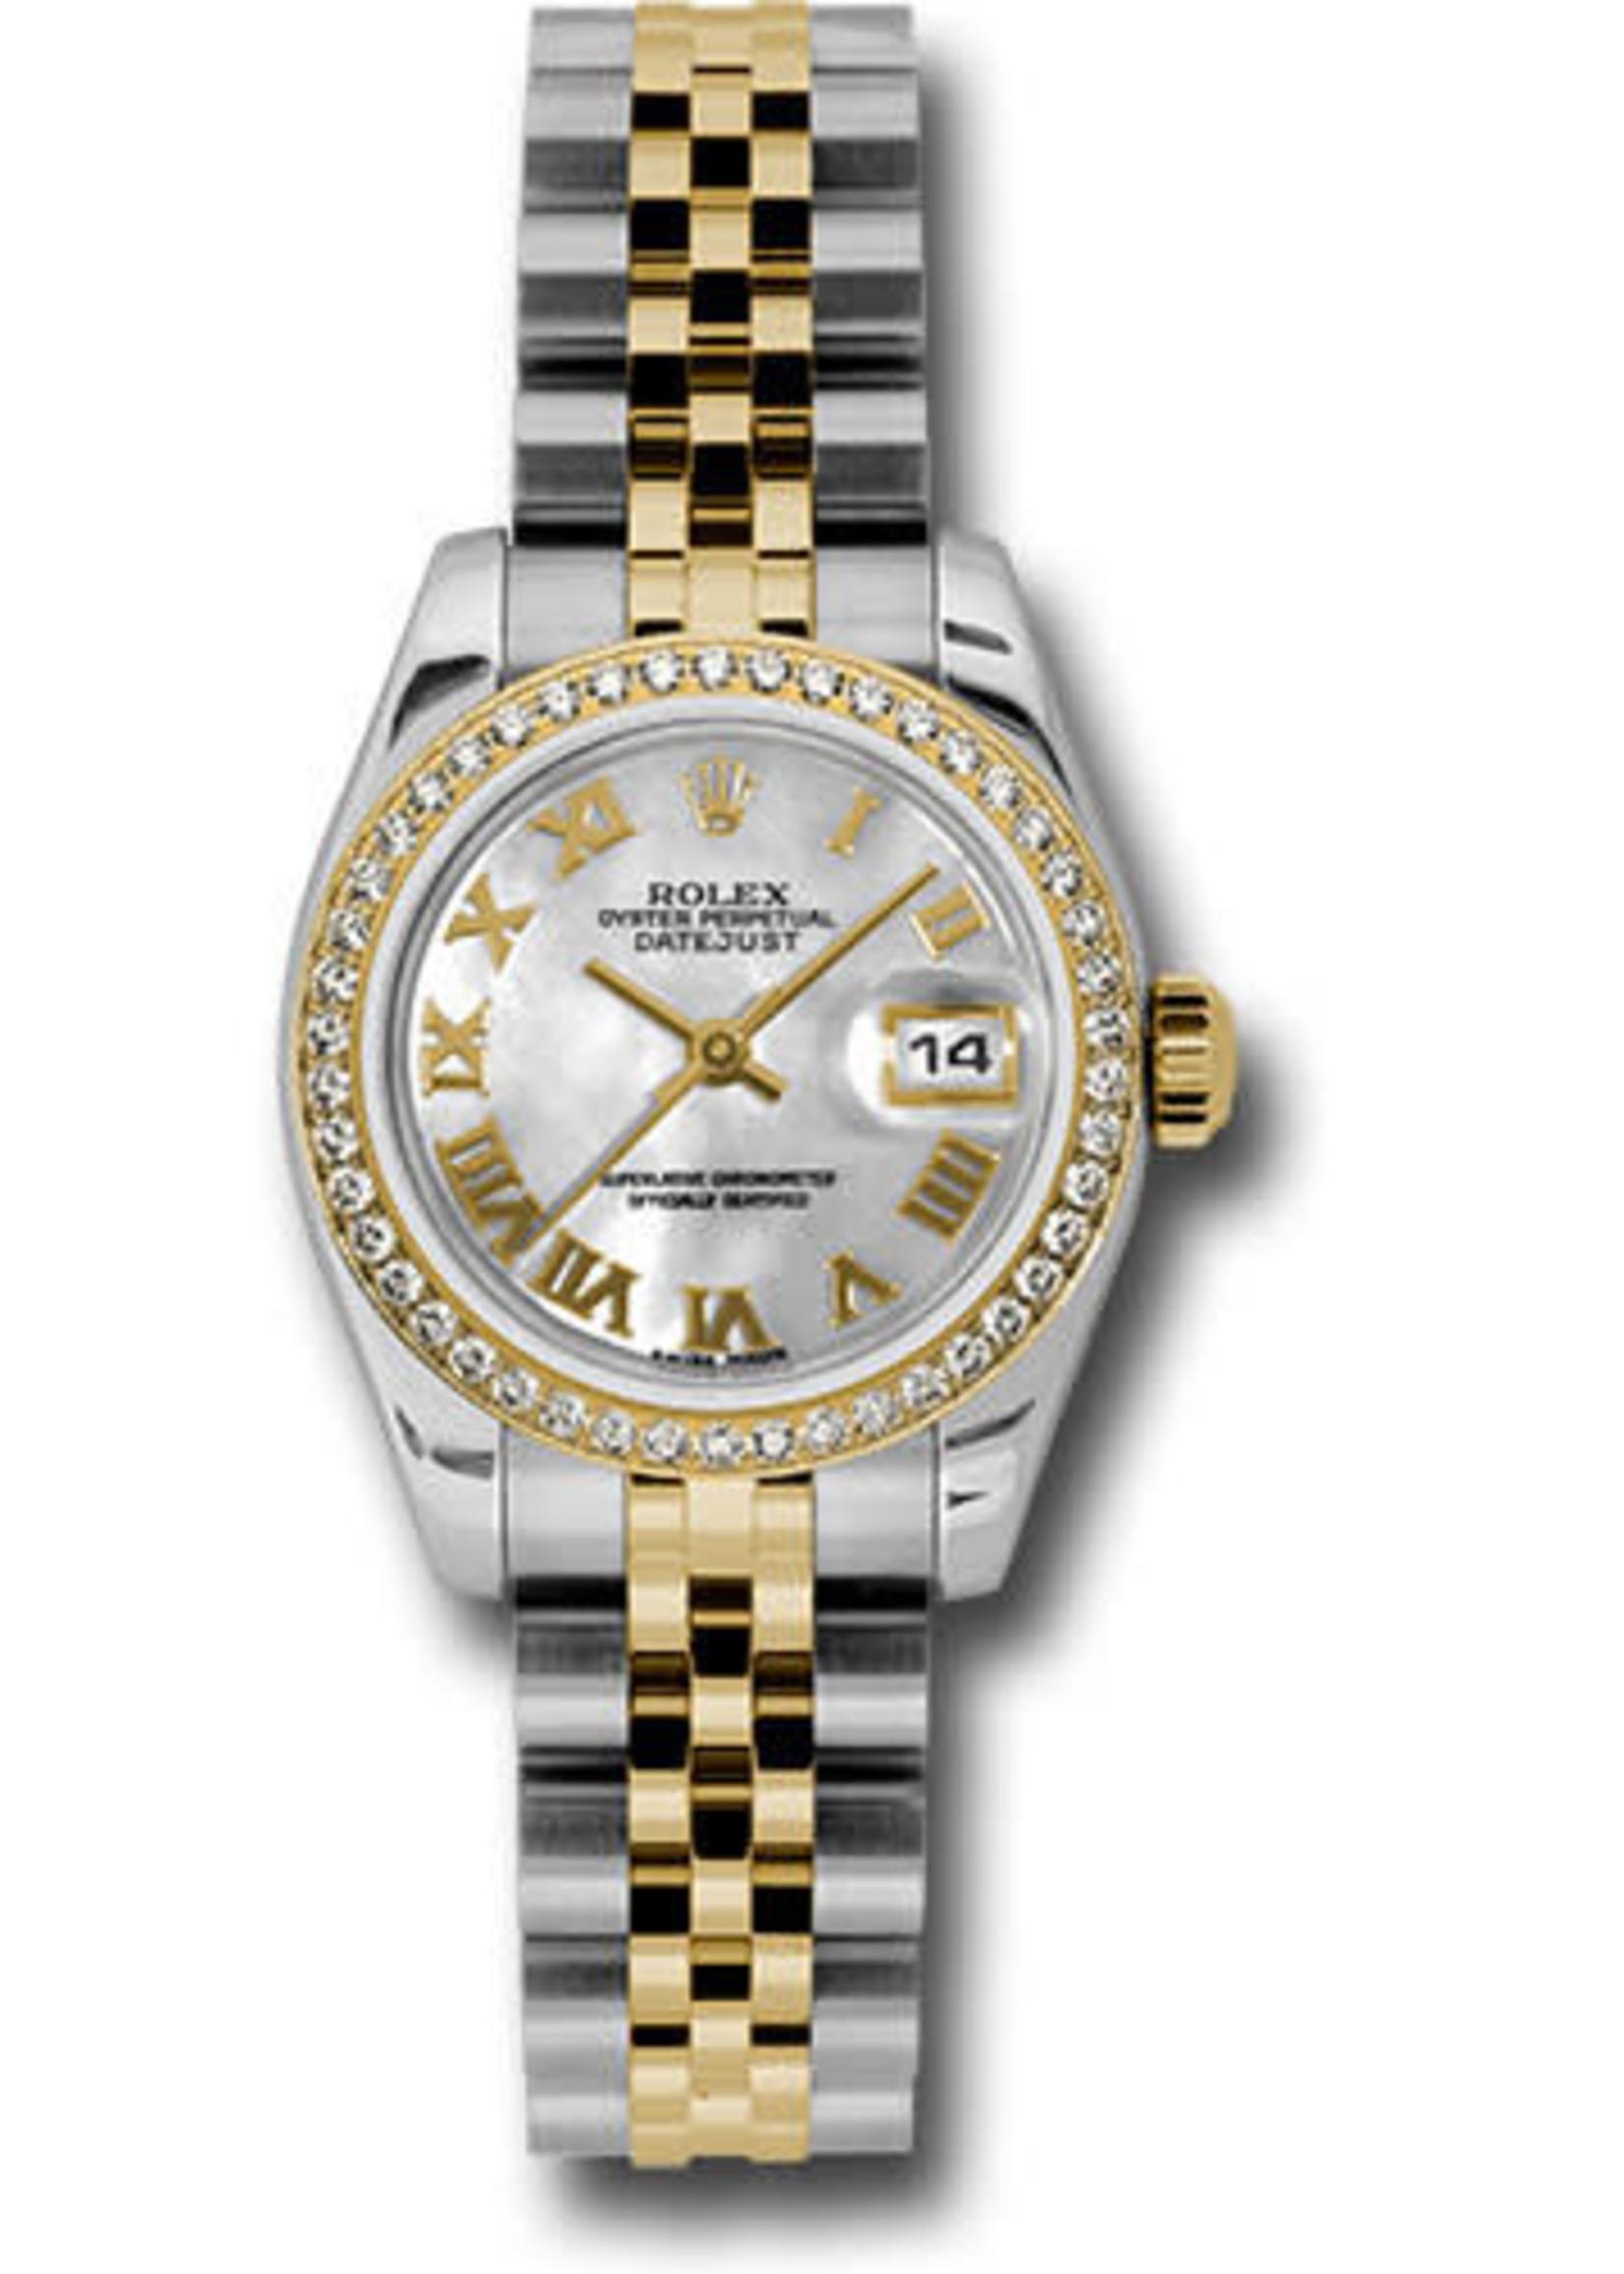 Rolex Watches ROLEX DATEJUST 26MM #179383 (2010 B+P) BRAND NEW NEVER WORN